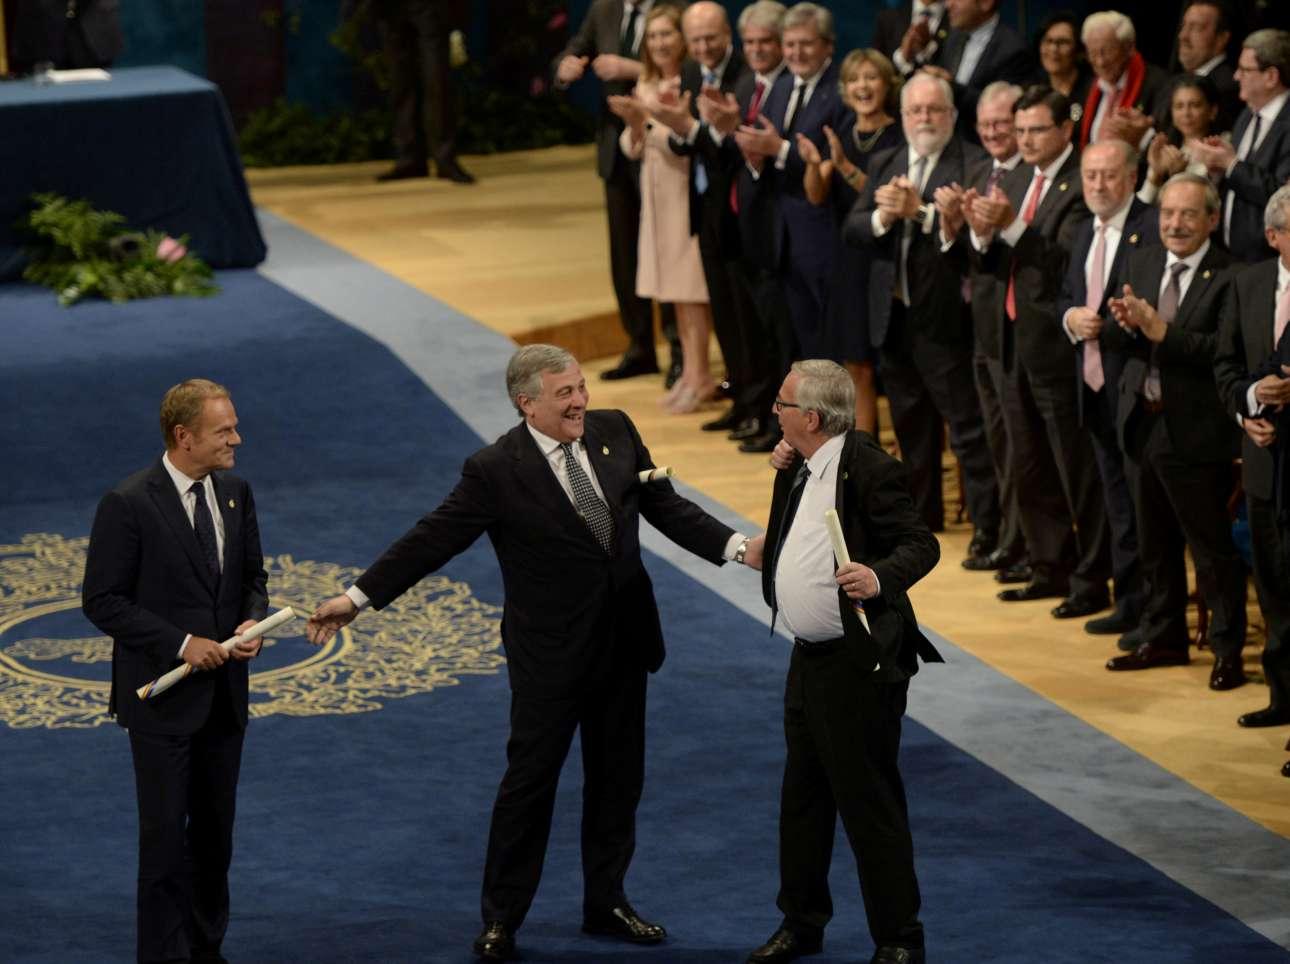 Παρασκευή, 20 Οκτωβρίου, Οβιέδο. Ο Ζαν-Κλοντ Γιούνκερ με τη χαρακτηριστική του άνεση, ο Αντόνιο Ταγιάνι, πρόεδρος της Ευρωβουλής και ο Ντόναντ Τουσκ, πρόεδρος του Συμβουλίου της Ευρώπης πιο συγκρατημένοι. Και οι τρεις τους έλαβαν εκ μέρους της ΕΕ το βραβείο «Πριγκιπάτο των Αστουριών» από τον βασιλιά της Ισπανίας Φελίπε